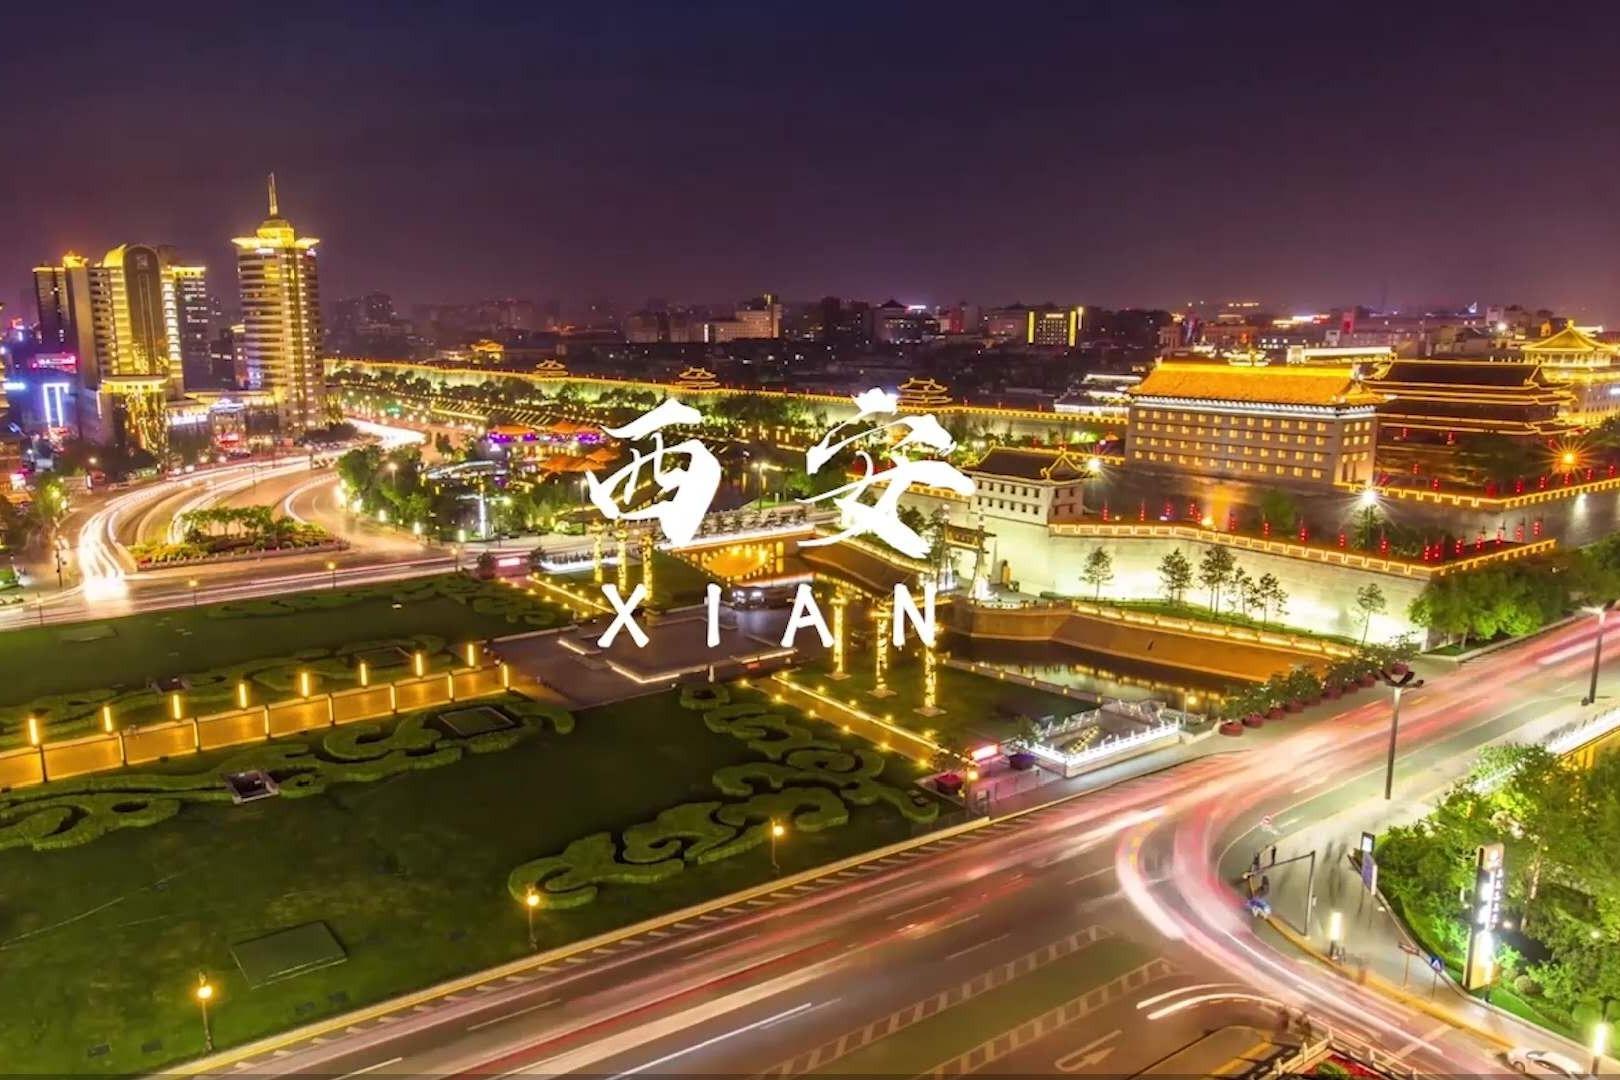 寻味中国:来永兴坊体验地道的西安美食文化